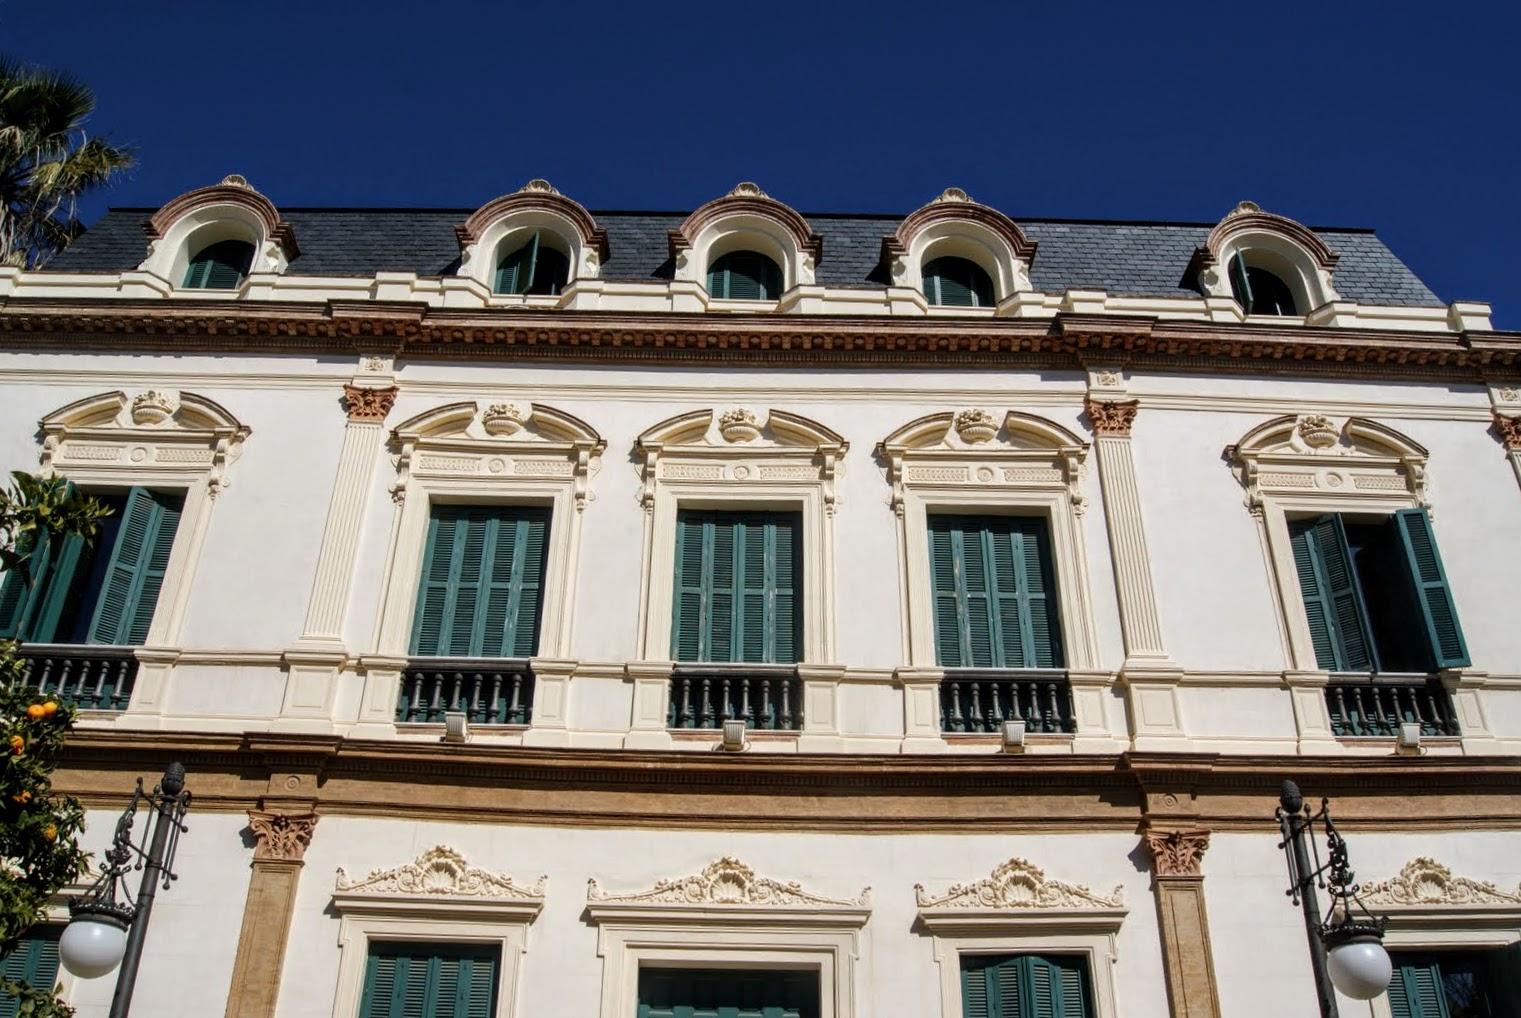 Leyendas de sevilla el misterio de la casa de las sirenas - La casa de los uniformes sevilla ...